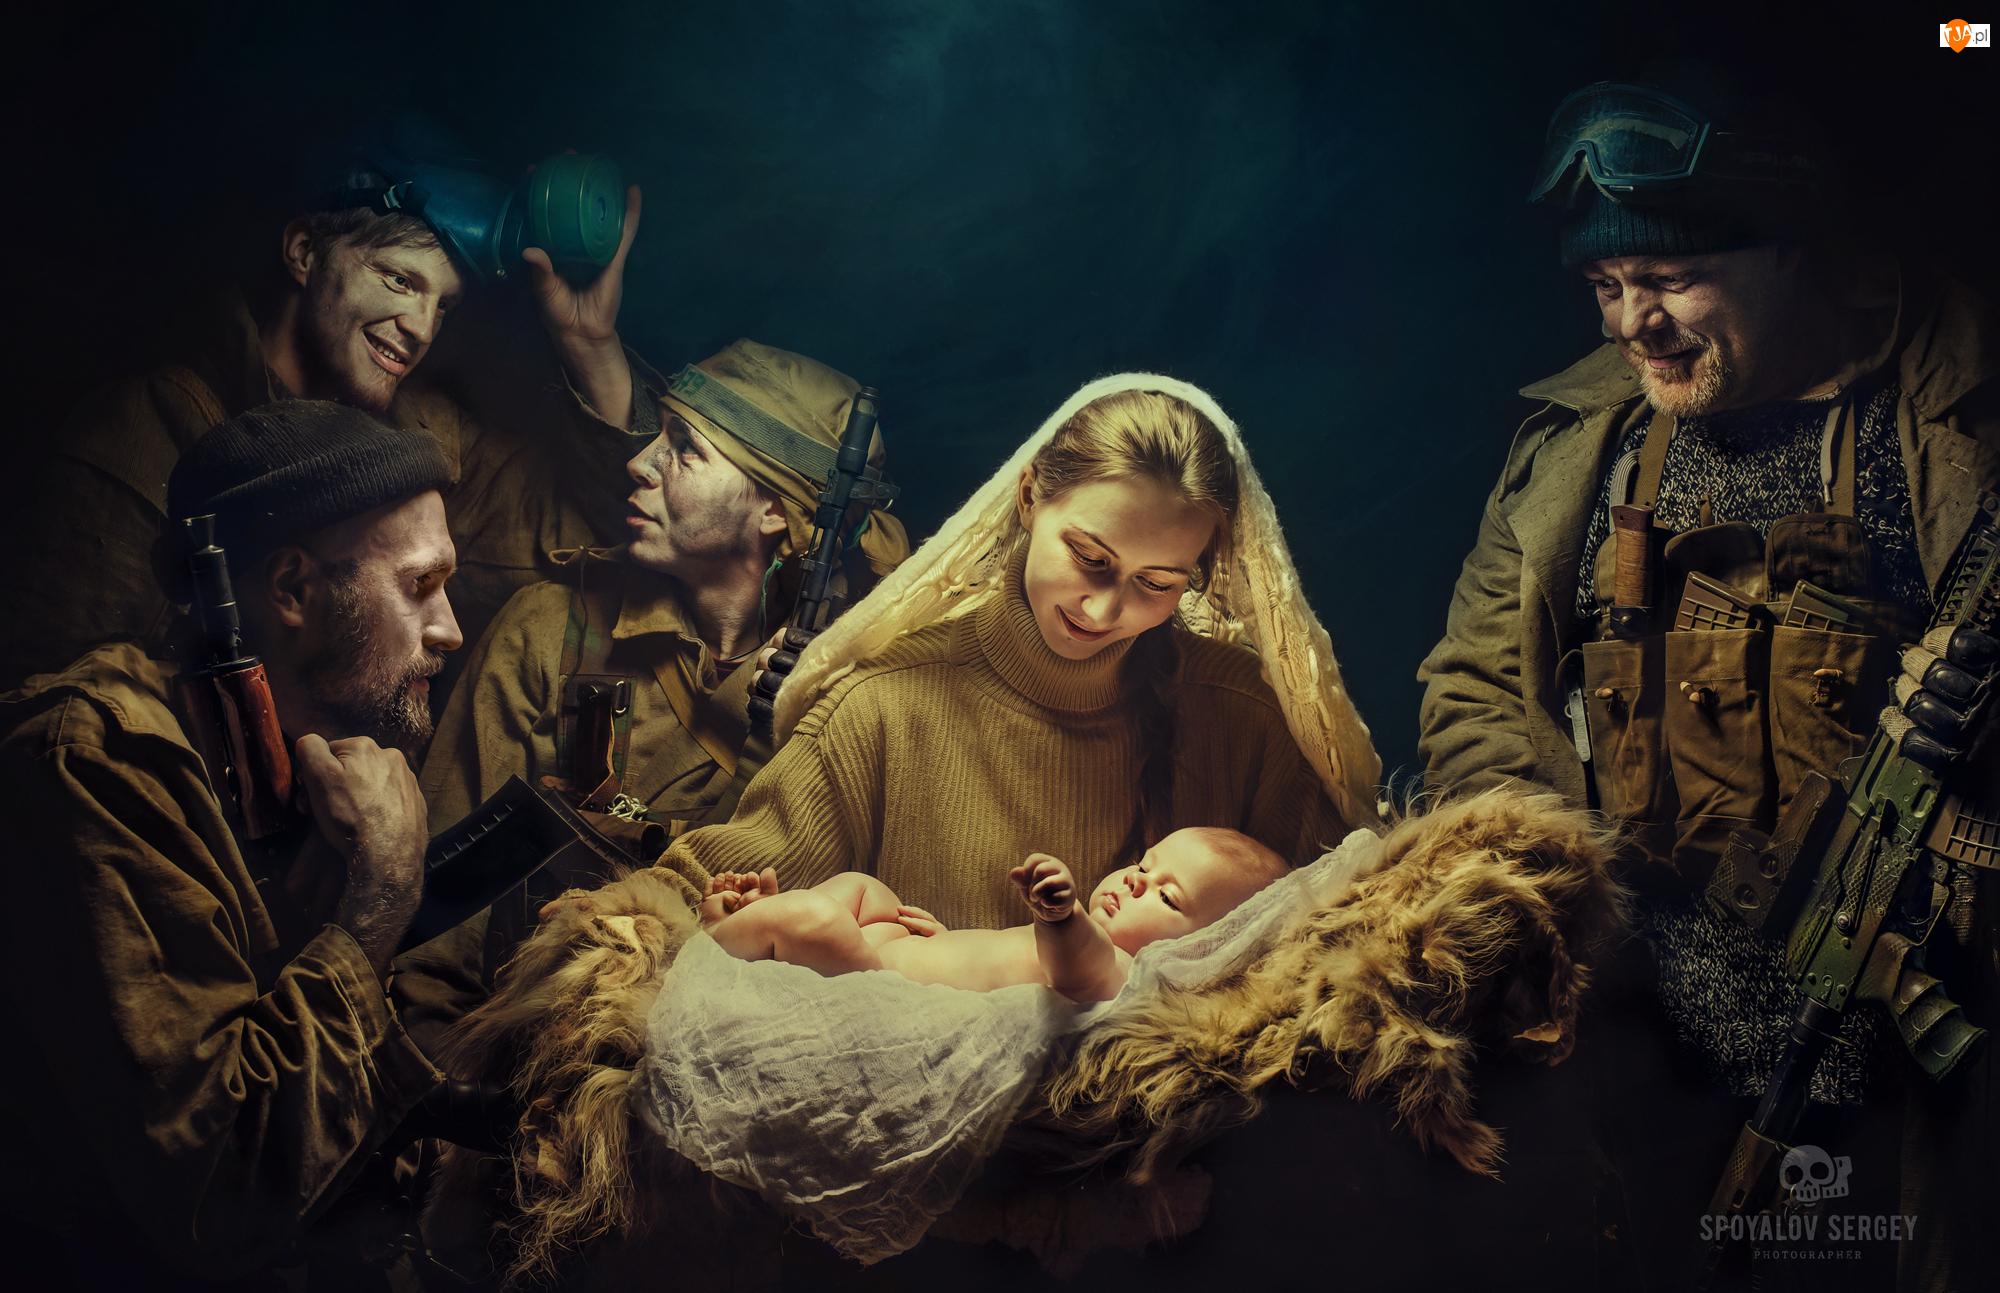 Niemowlę, Żołnierze, Kobieta, Dziecko